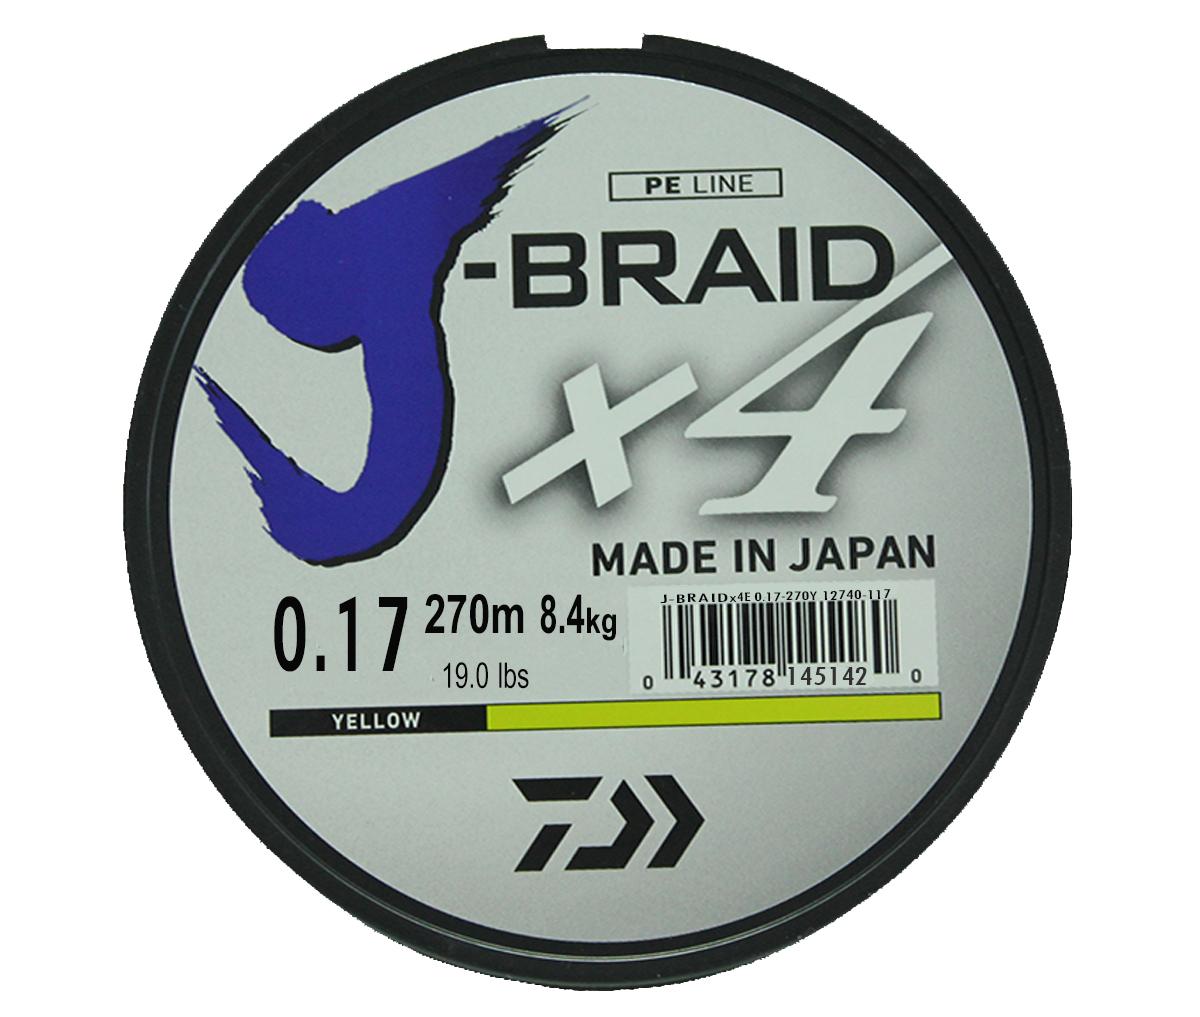 Шнур плетеный Daiwa J-Braid X4, цвет: флуоресцентный желтый, 270 м, 0,17 мм4271825Новый 4х жильный шнур J-Braid, DAIWA - шнур высокого класса с удивительным соотношением цены и качества. Качество плетения полностьюсоответствует японским стандартам и удовлетворяет всем требованиям. Представленные диаметры позволяют использовать шнур для всех техникловли, начиная от ultra- light ловли окуня, до морской ловли палтуса, трески и т.д